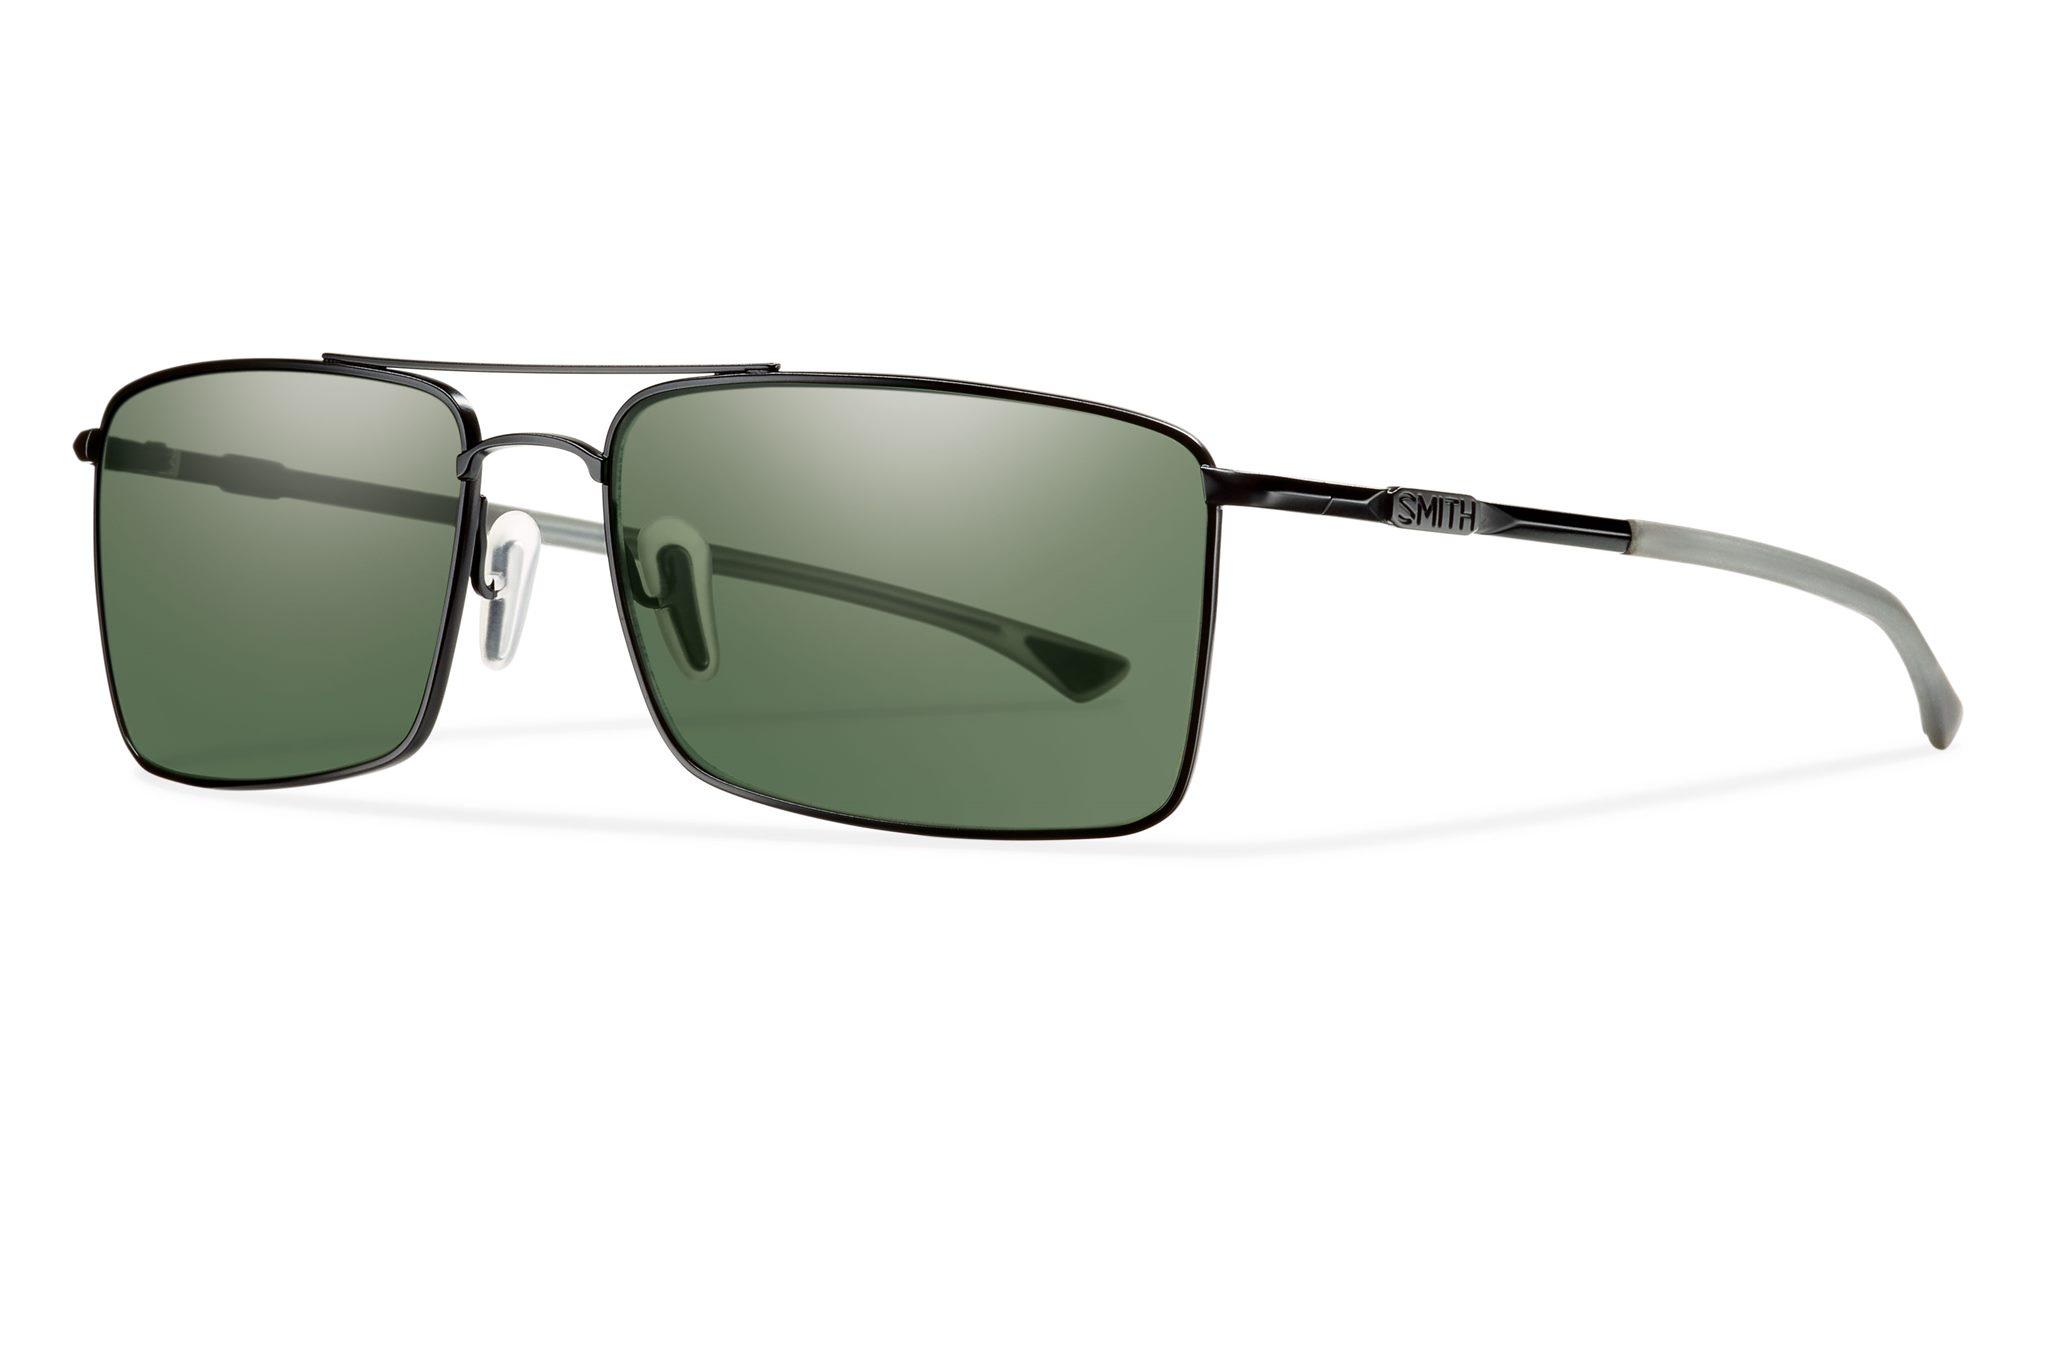 eb8abe1853 Smith Optics Outlier TI Sunglasses - MATTE BLACK POLAR GRAY GREEN ...